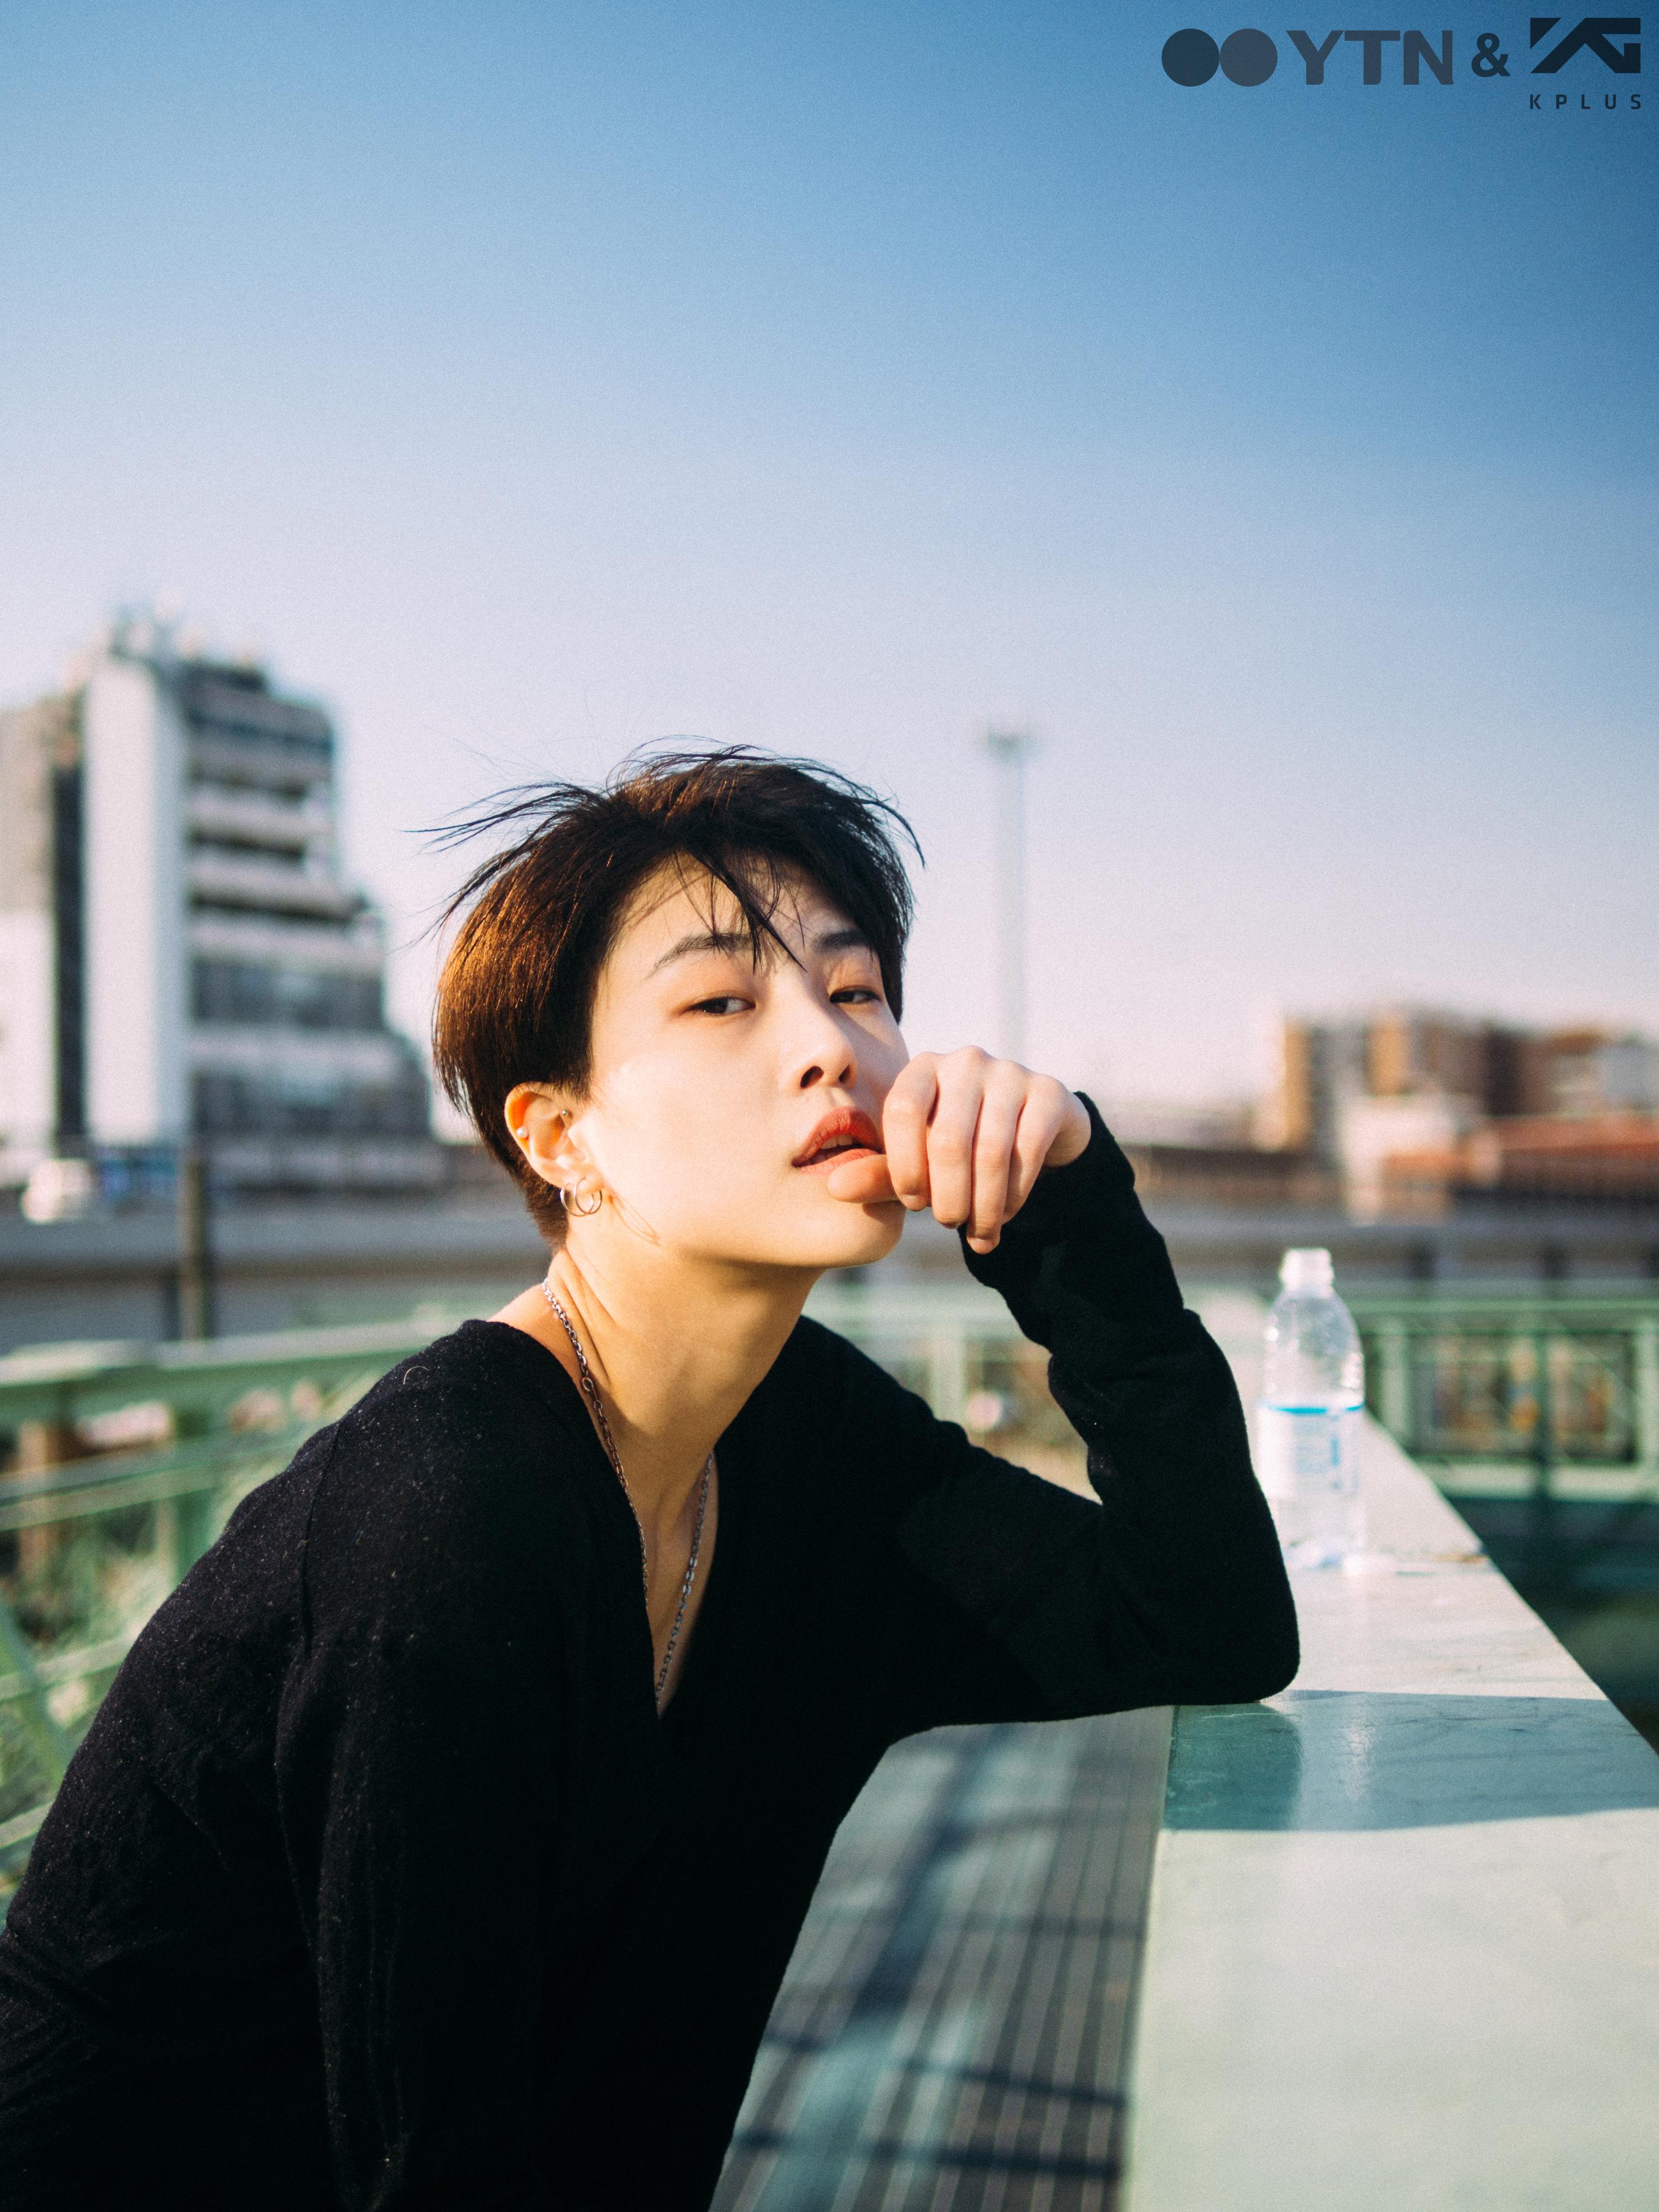 정소현, 뉴페이스 모델로 해외 컬렉션 섭렵! 해외 미디어 극찬